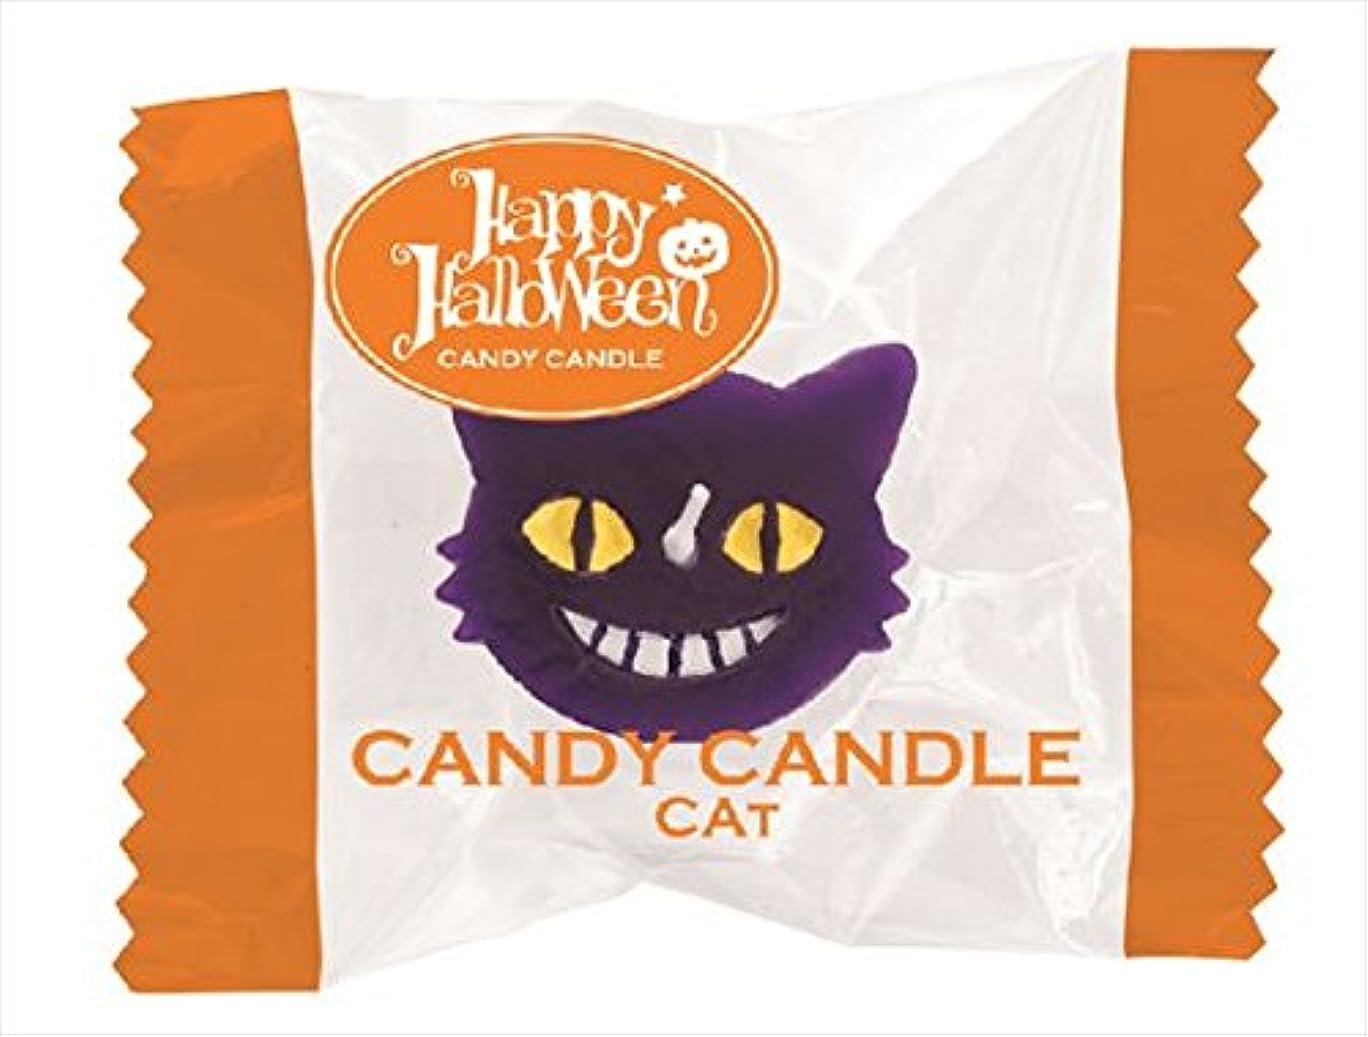 予防接種変更可能うまくやる()カメヤマキャンドル(kameyama candle) キャンディーキャンドル 「 キャット 」